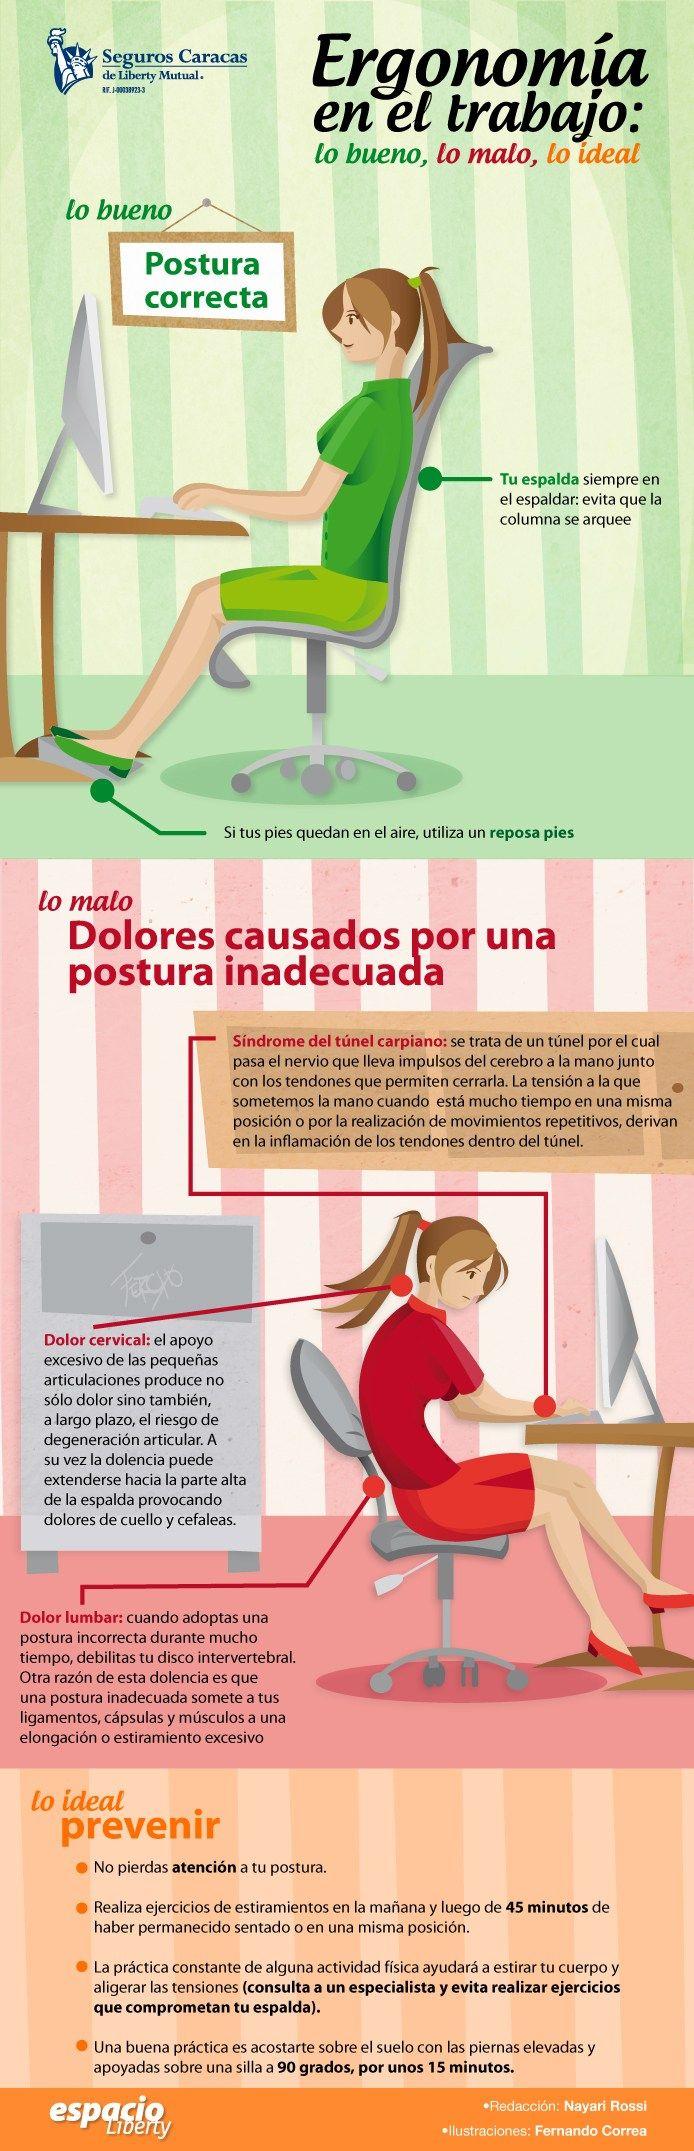 Ergonomía en el trabajo infografía